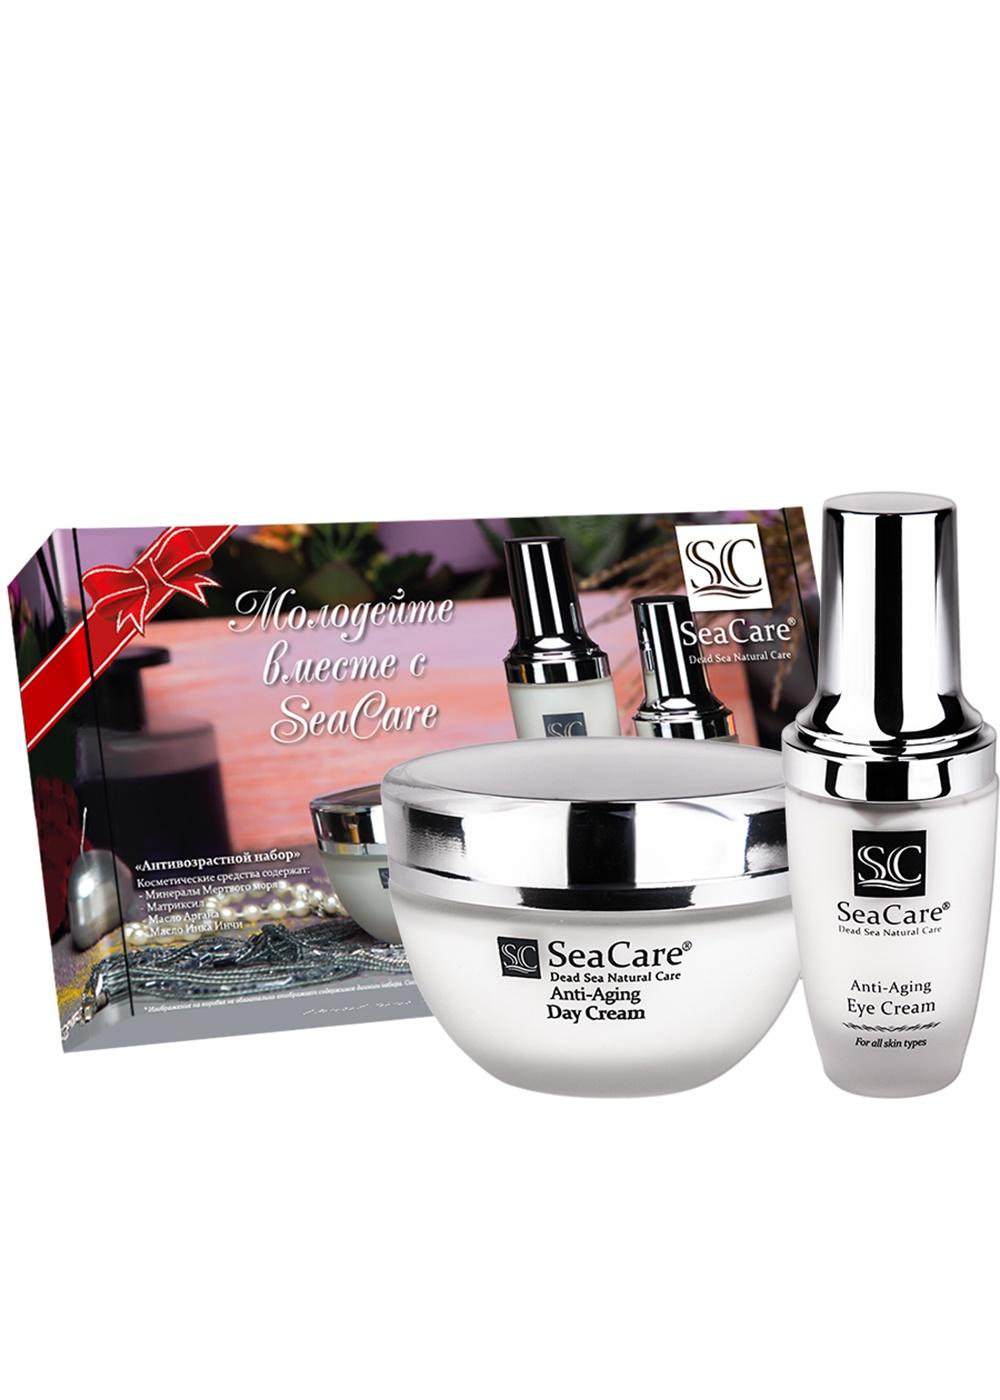 Набор косметики для ухода за кожей SeaCare Подарочный антивозрастной набор №7, Дневной крем 50мл, Крем для глаз 30 мл